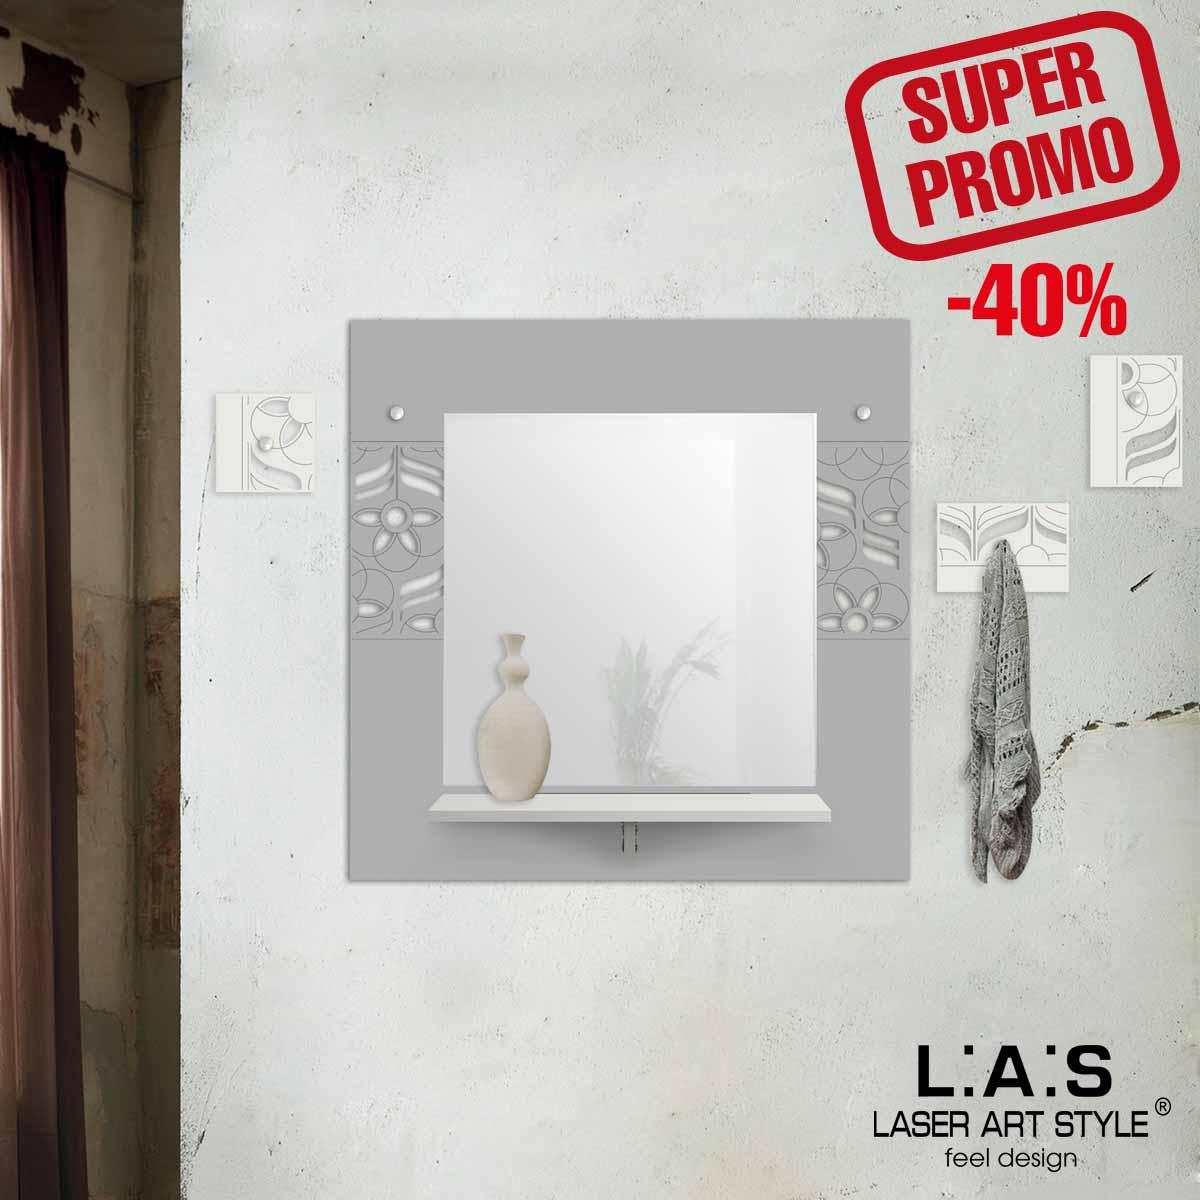 L:A:S - Laser Art Style - SPECCHIERA-MENSOLA-APPENDIABITI – SI-449 CEMENTO-PANNA